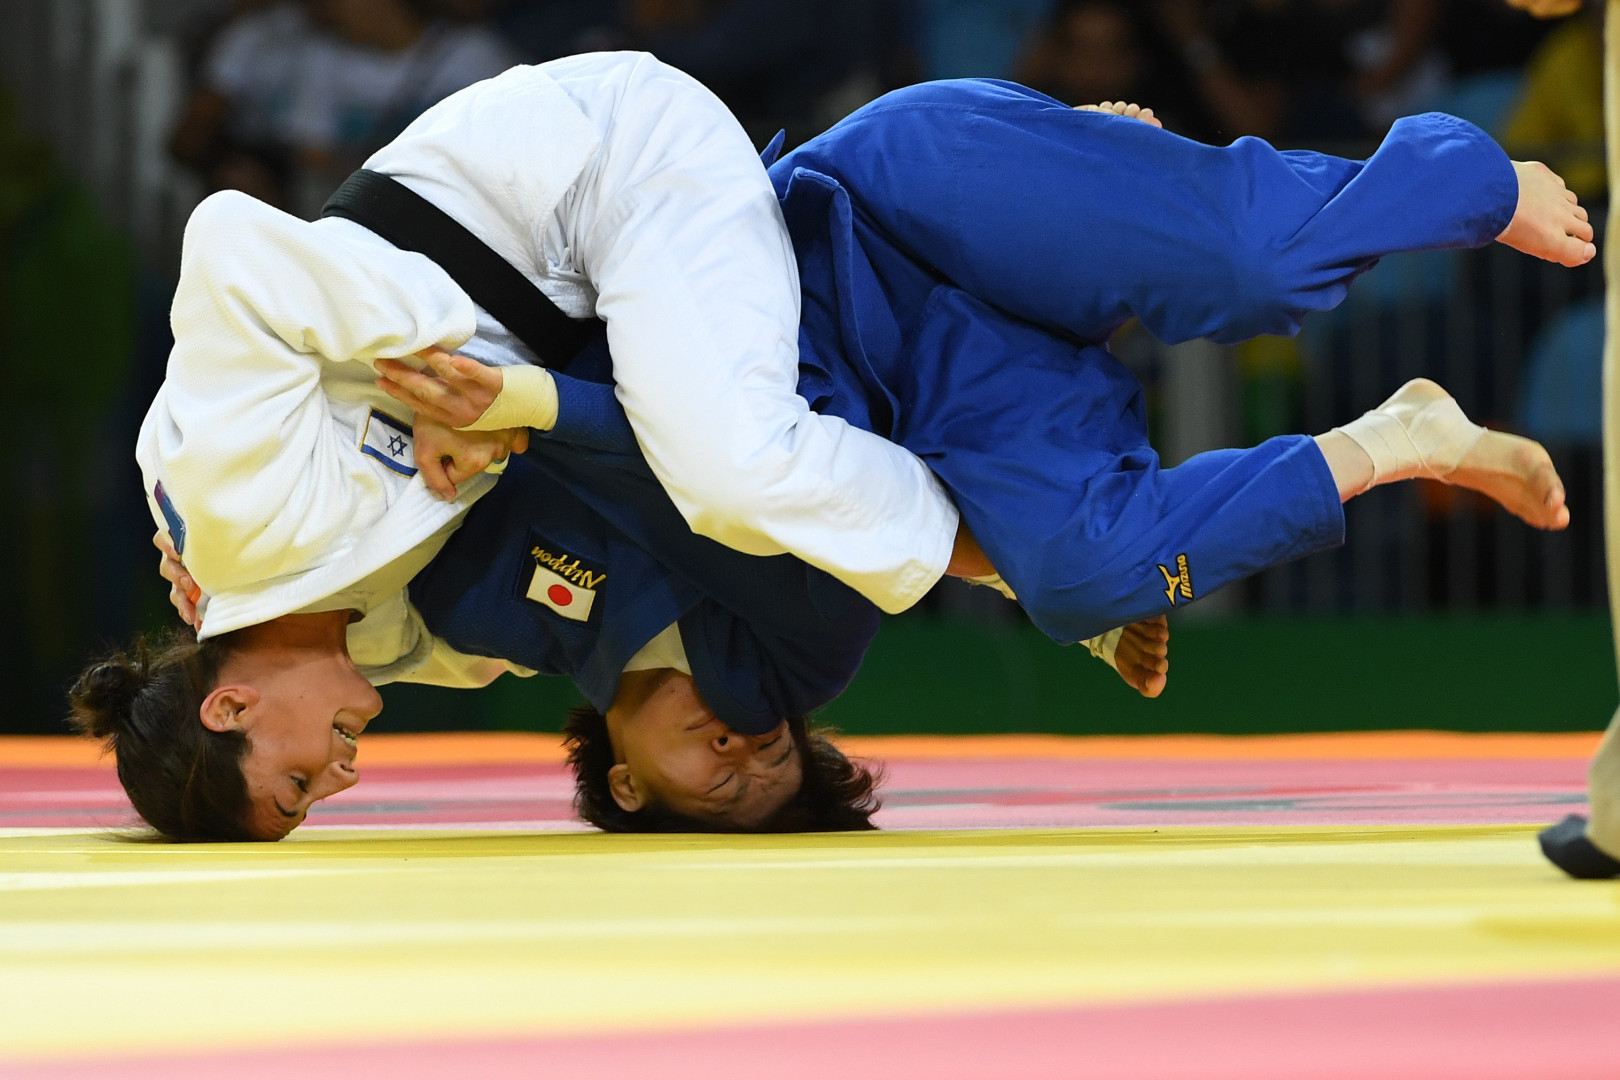 La judokate israélienne Yarden Gerbi et la japonaise Miku Tashiro se battent pour la médaille de bronze dans les moins de 63 kilos. C'est l'Israélienne qui a finalement remporté la médaille d'or.